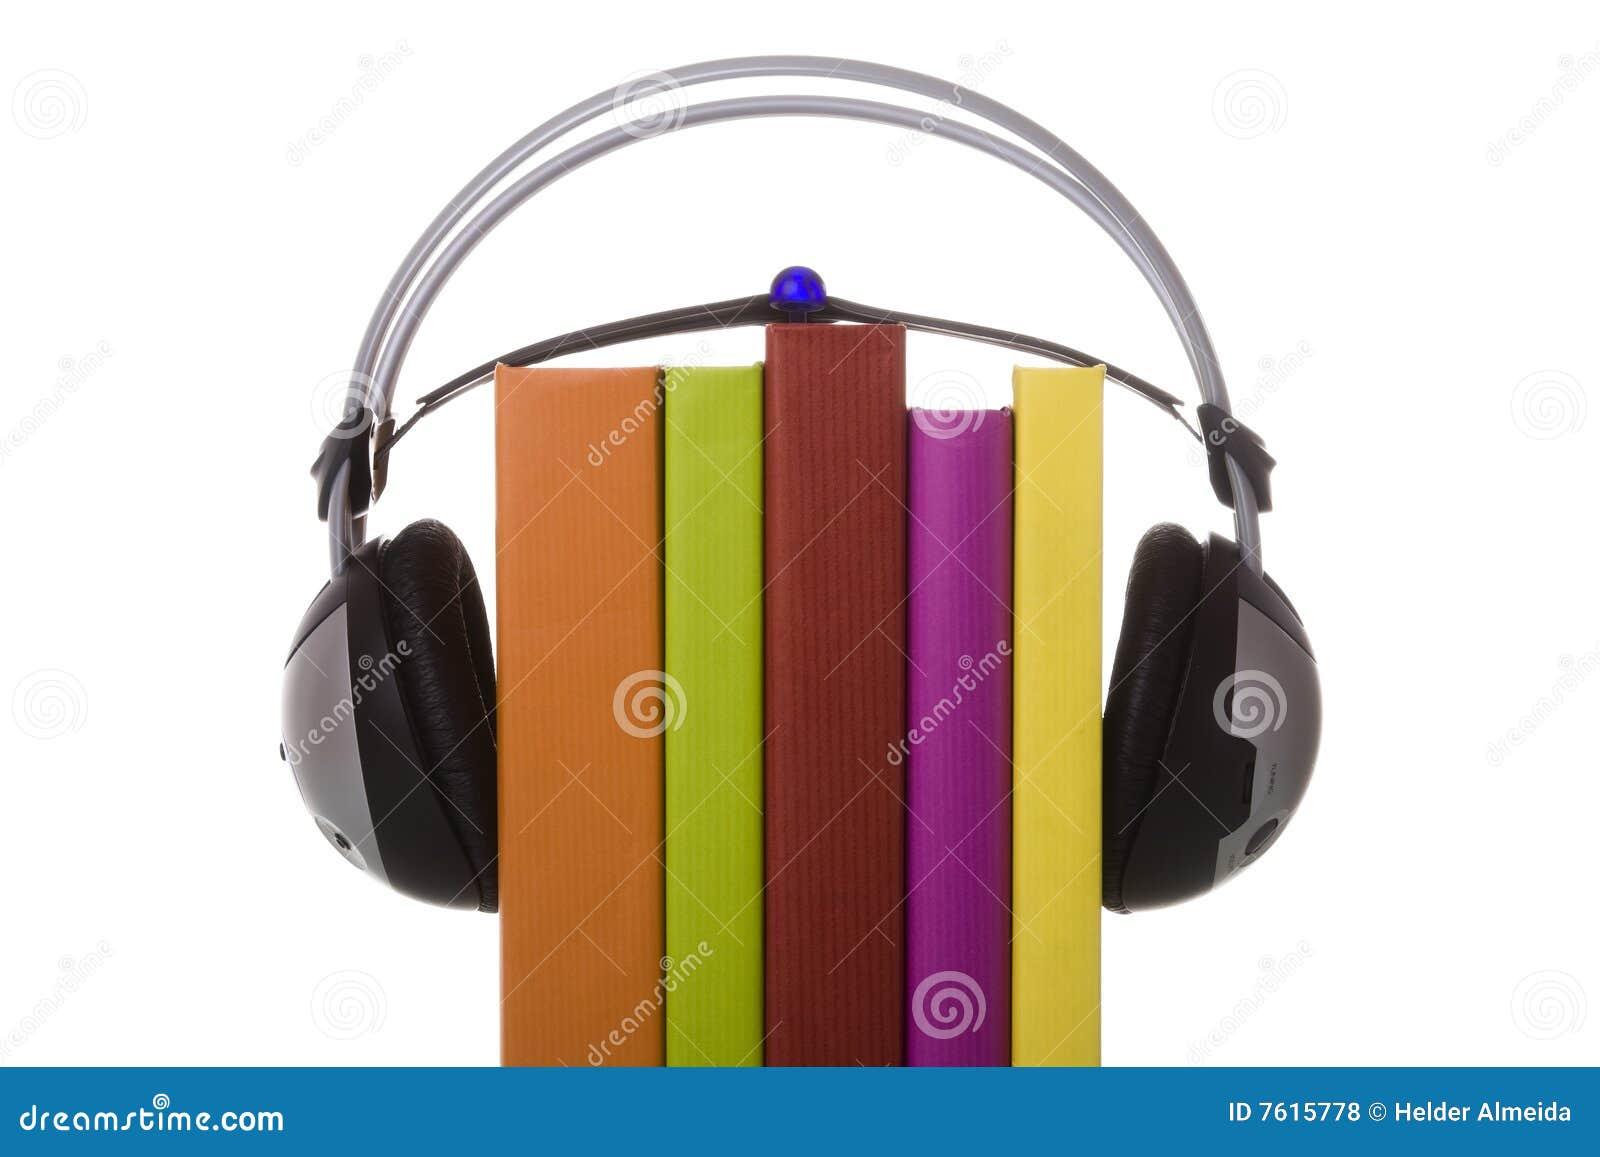 Audio Books Free White Teens 82